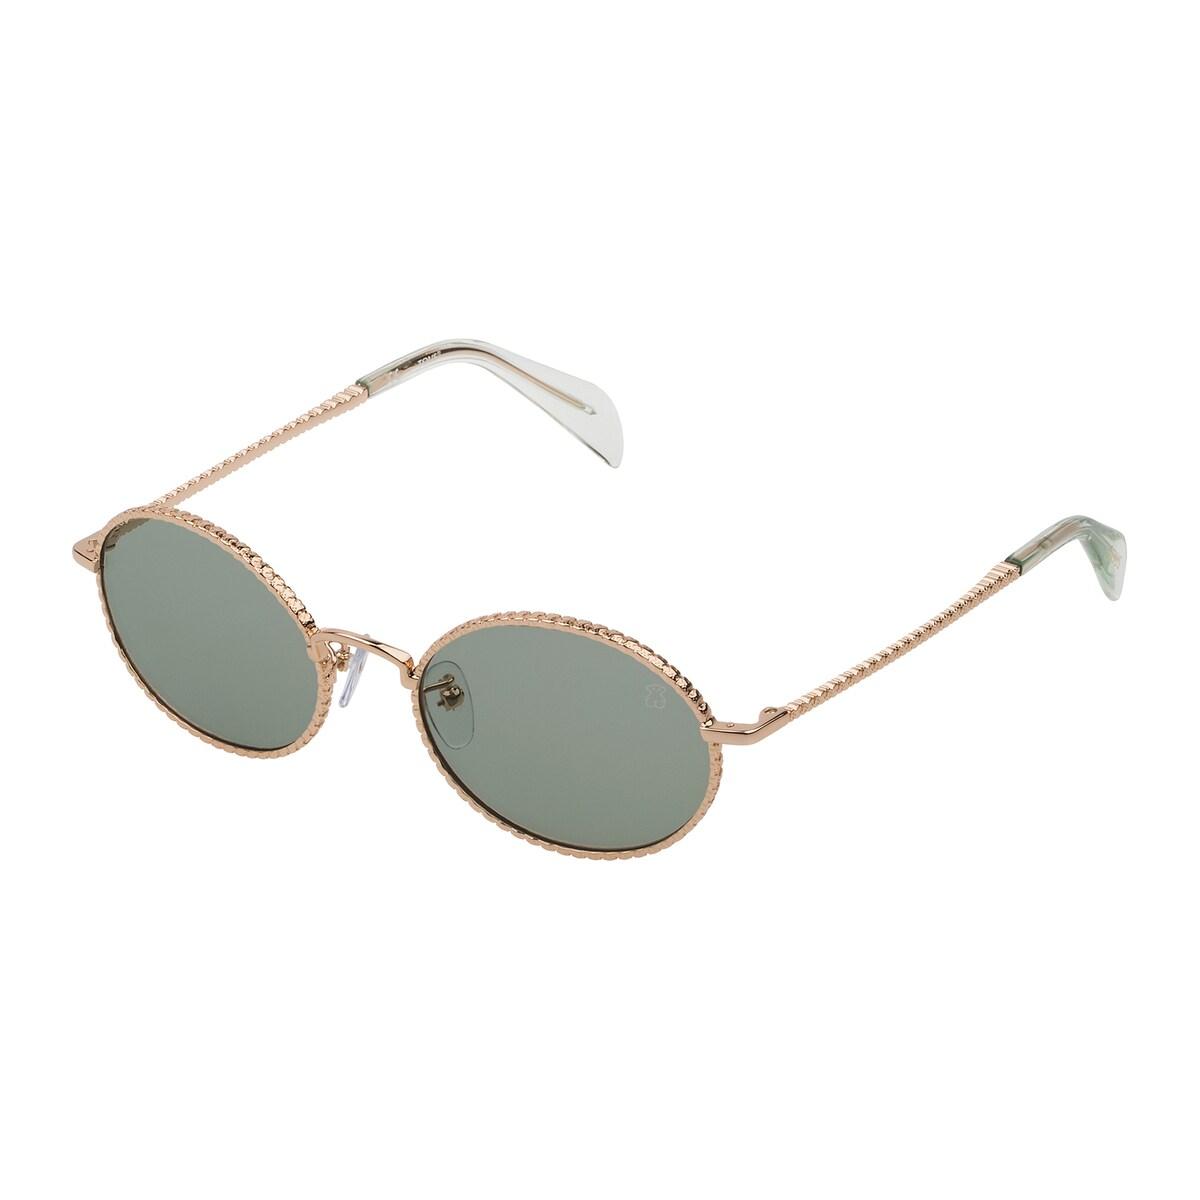 Gafas de sol Oso Straight de metal en color oro